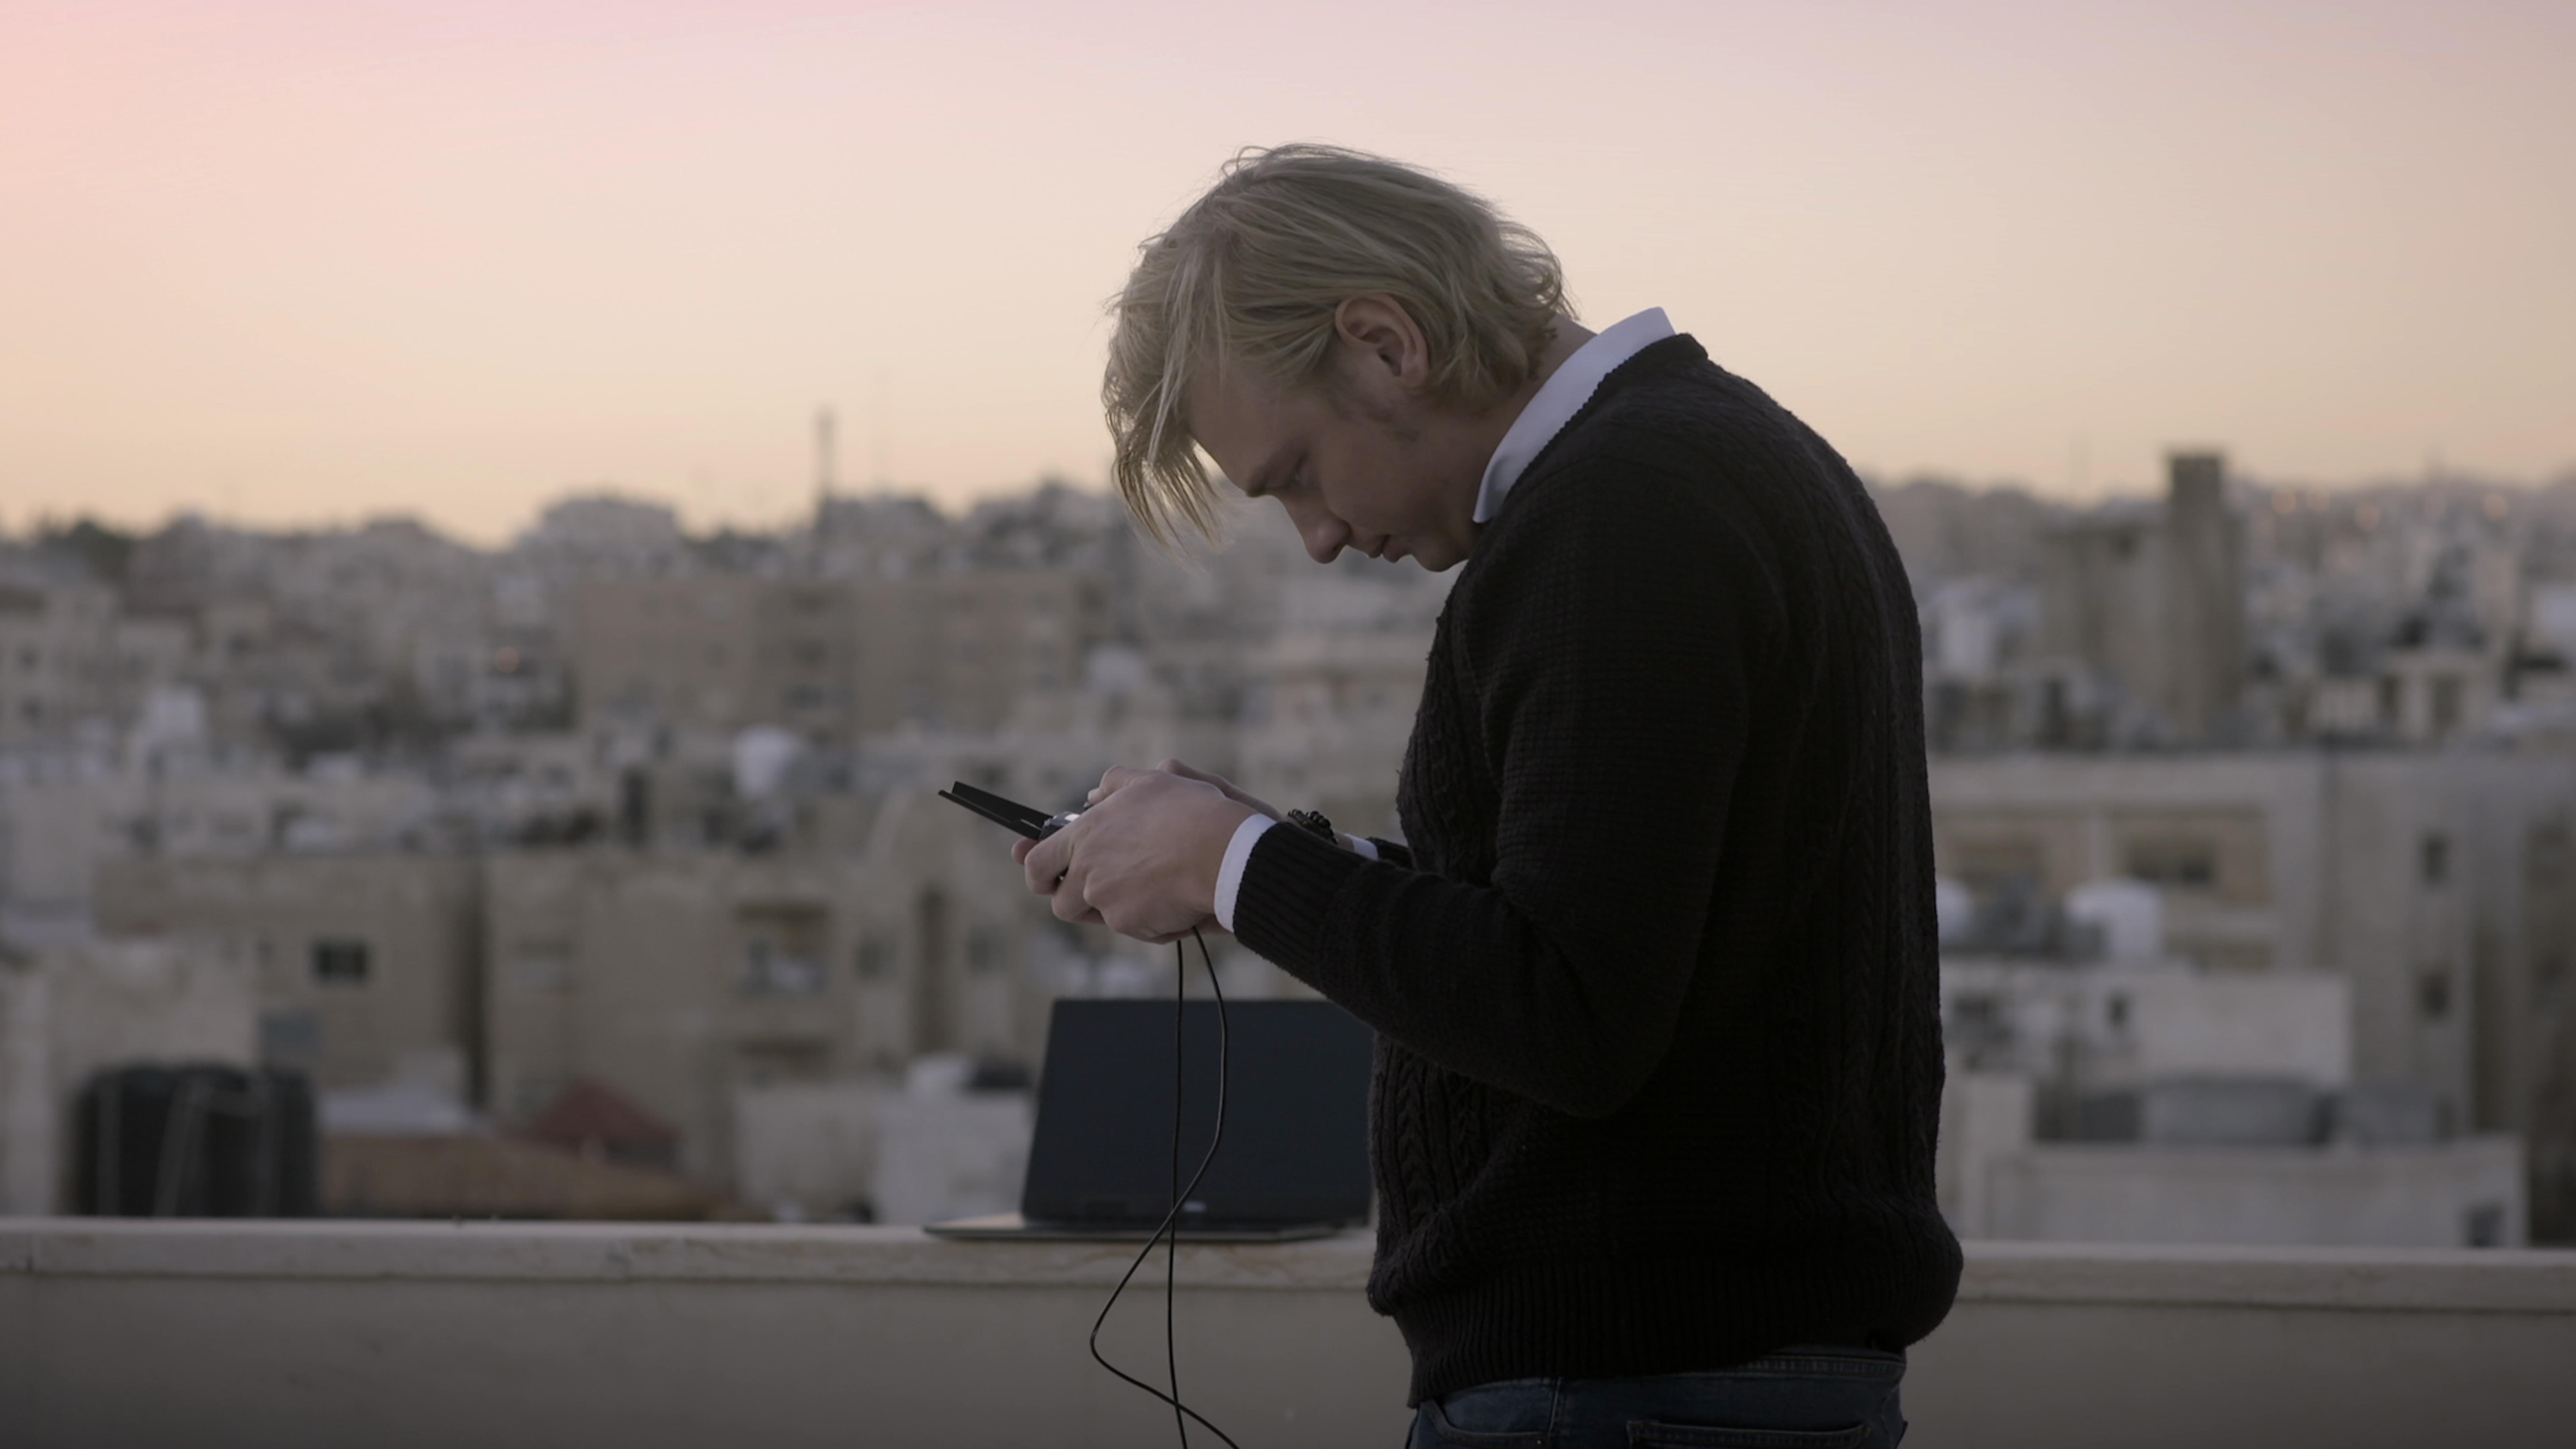 В 2018 году The New York Times наняли члена «Bellingcat» Кристиана Триберта, чтобы он обучил корреспондентов работе с открытыми данными (кадр из фильма)